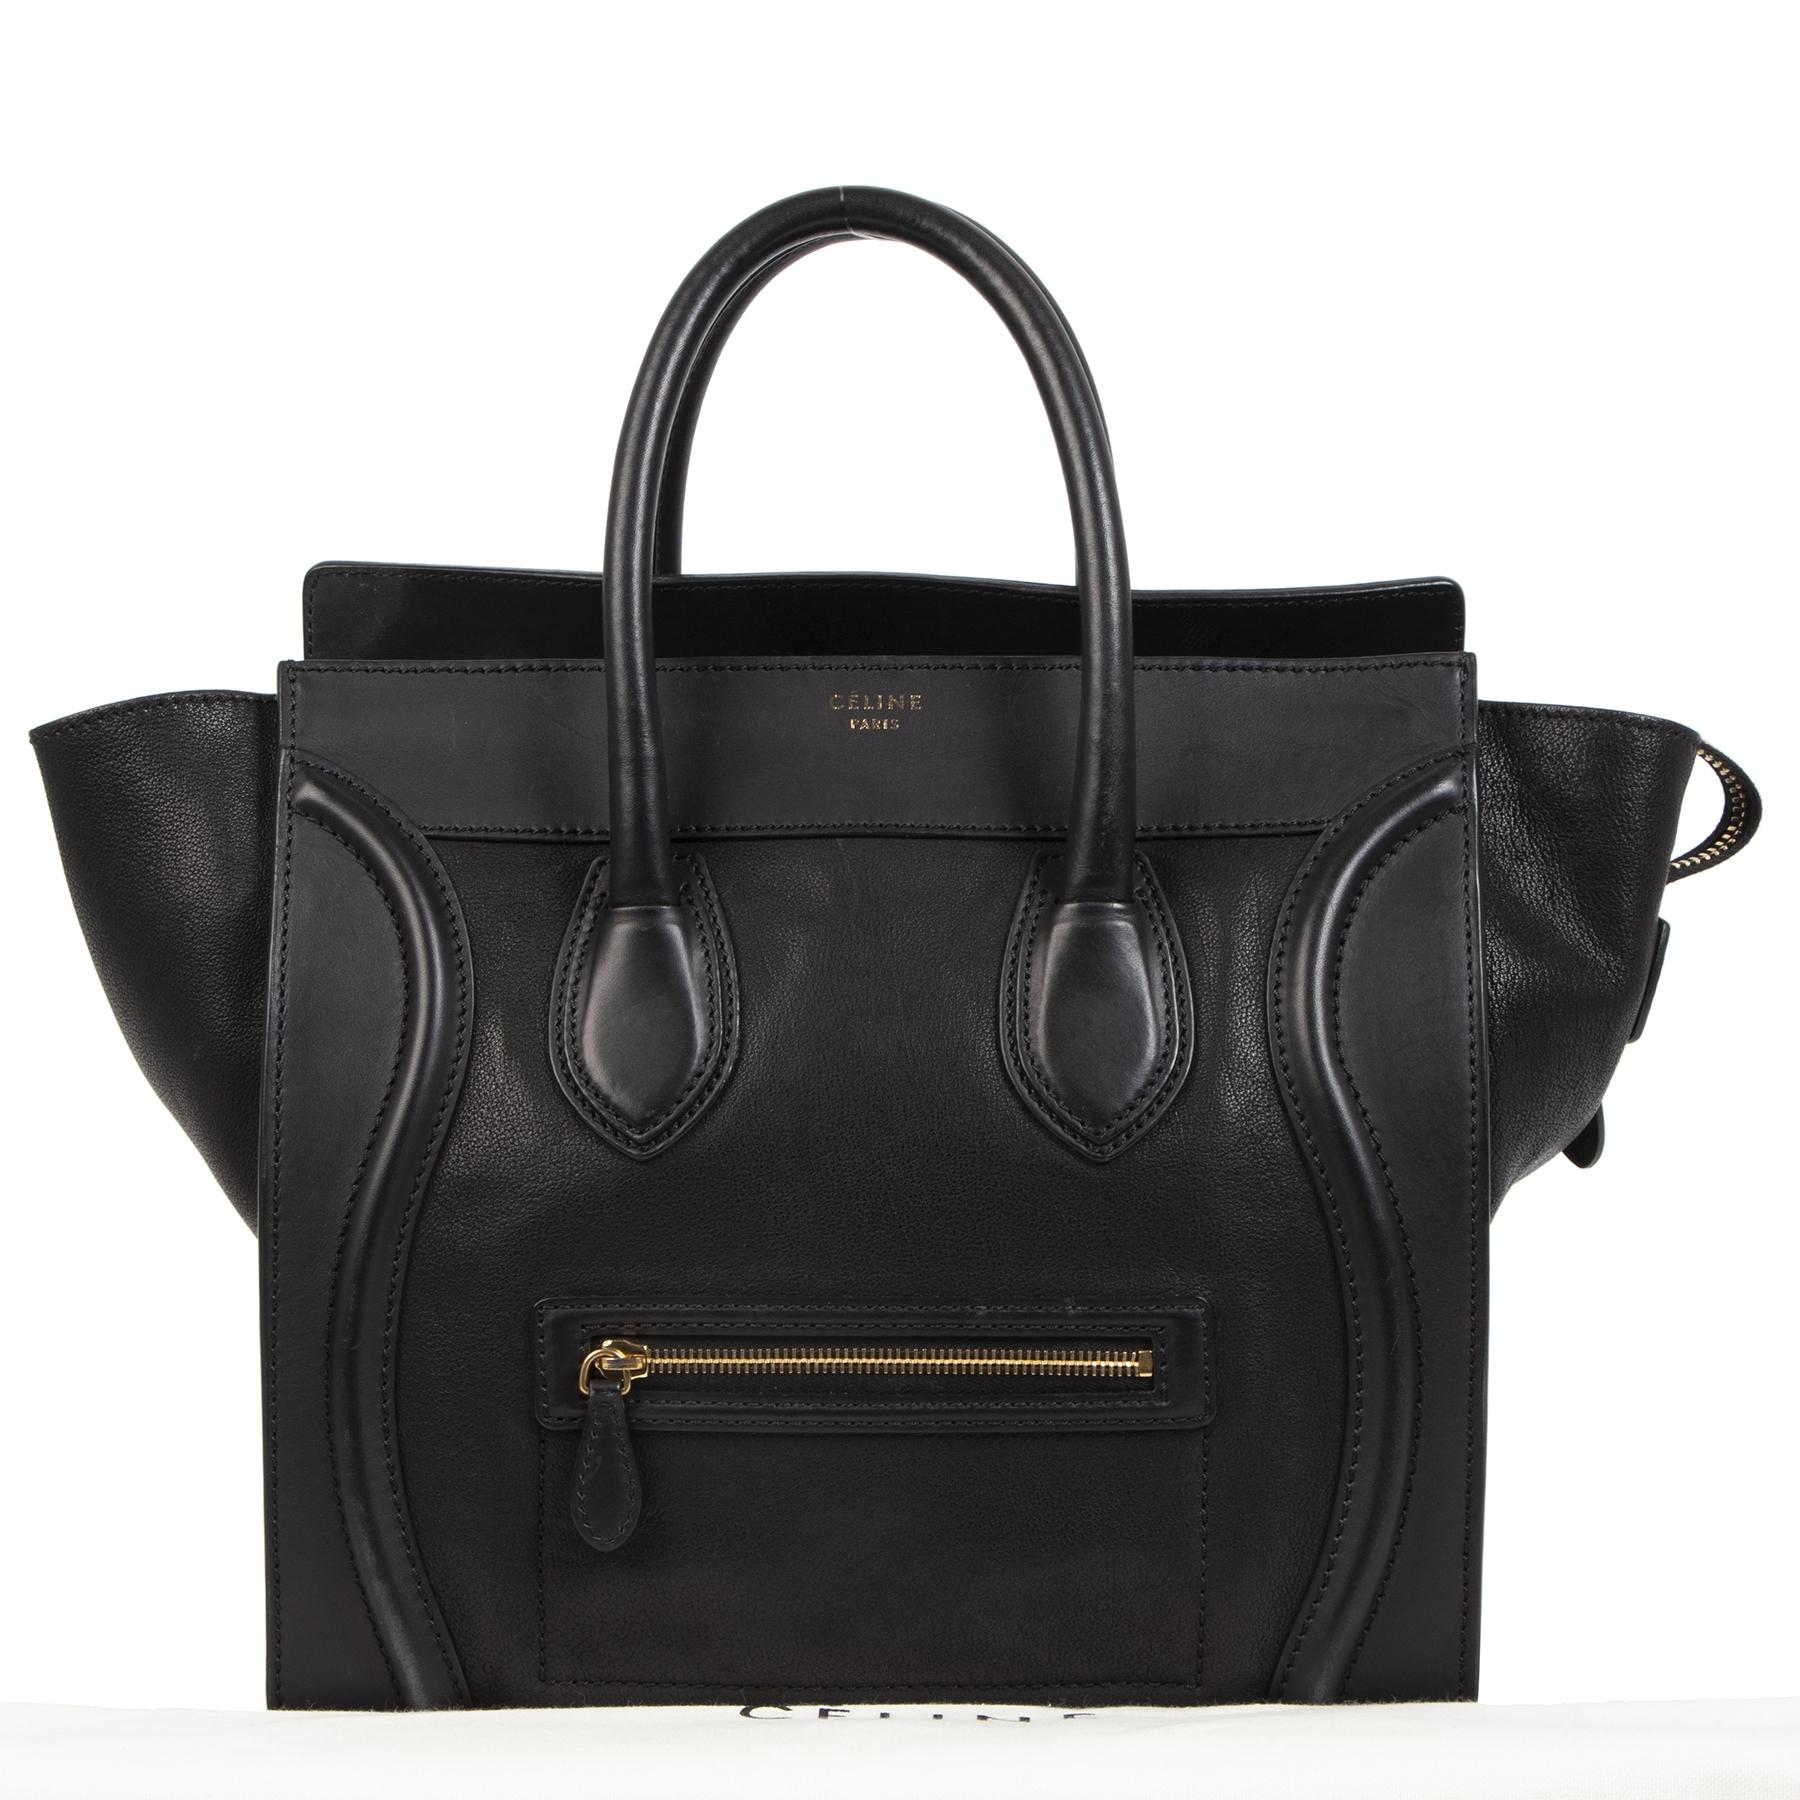 Céline Black Calfskin Mini Luggage Handbag kopen en verkopen aan de beste prijs bij Labellov tweedehands luxe